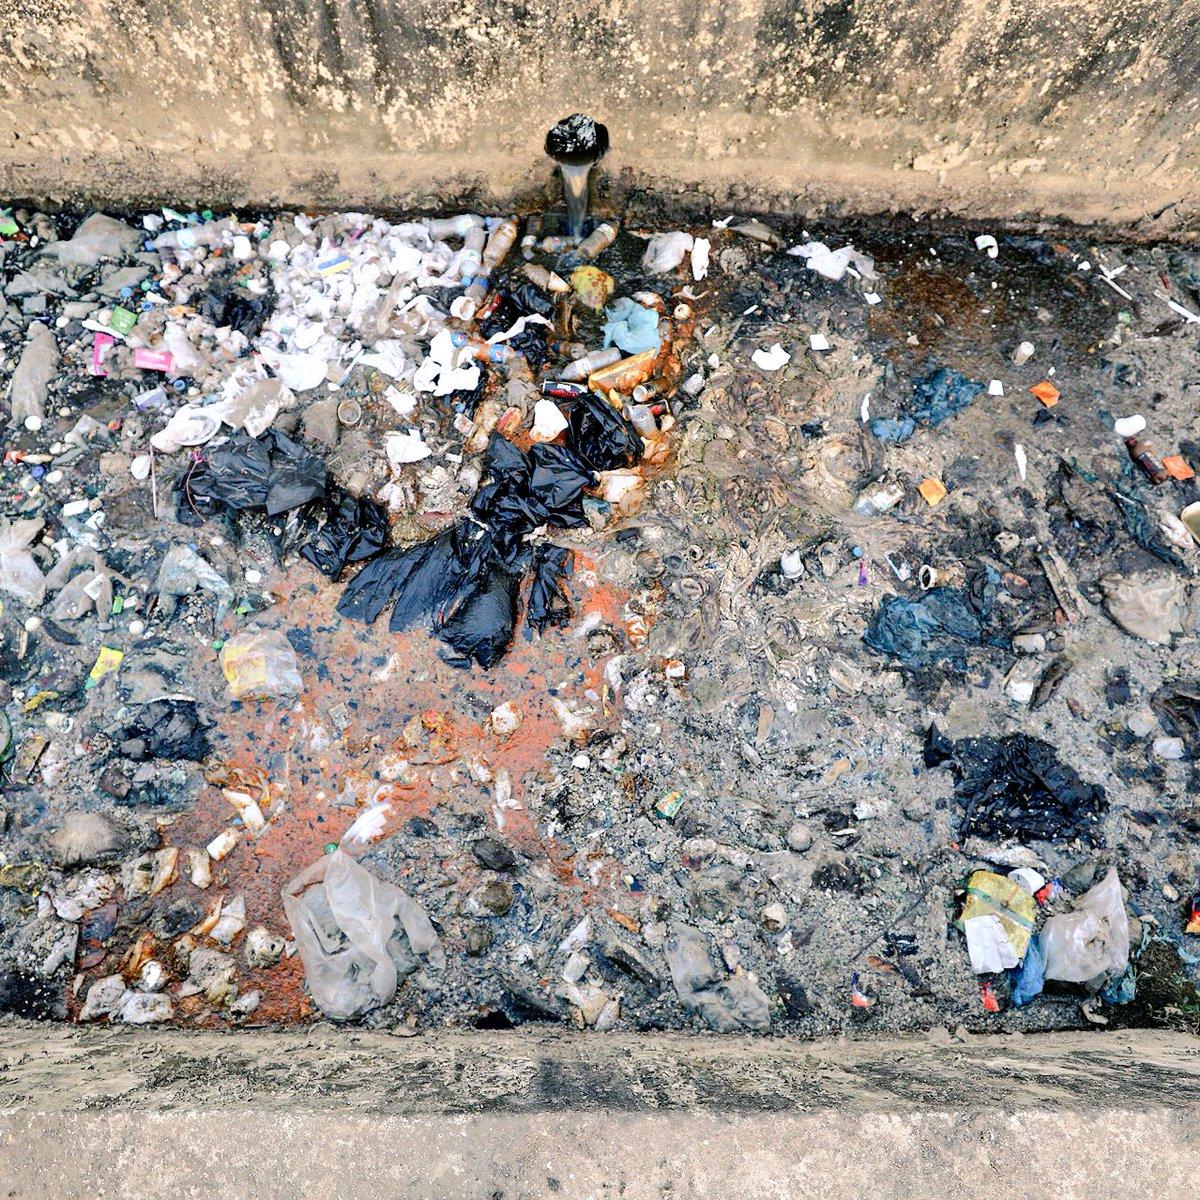 J'ai retrouvé ces photos, c'est la rivière au Bangladesh, en partie polluée par les usines de textiles et pleins d'autres choses. 🏭  Les rats agonisent et une fine couche de matière s'est créé à la surface de l'eau, voilà.